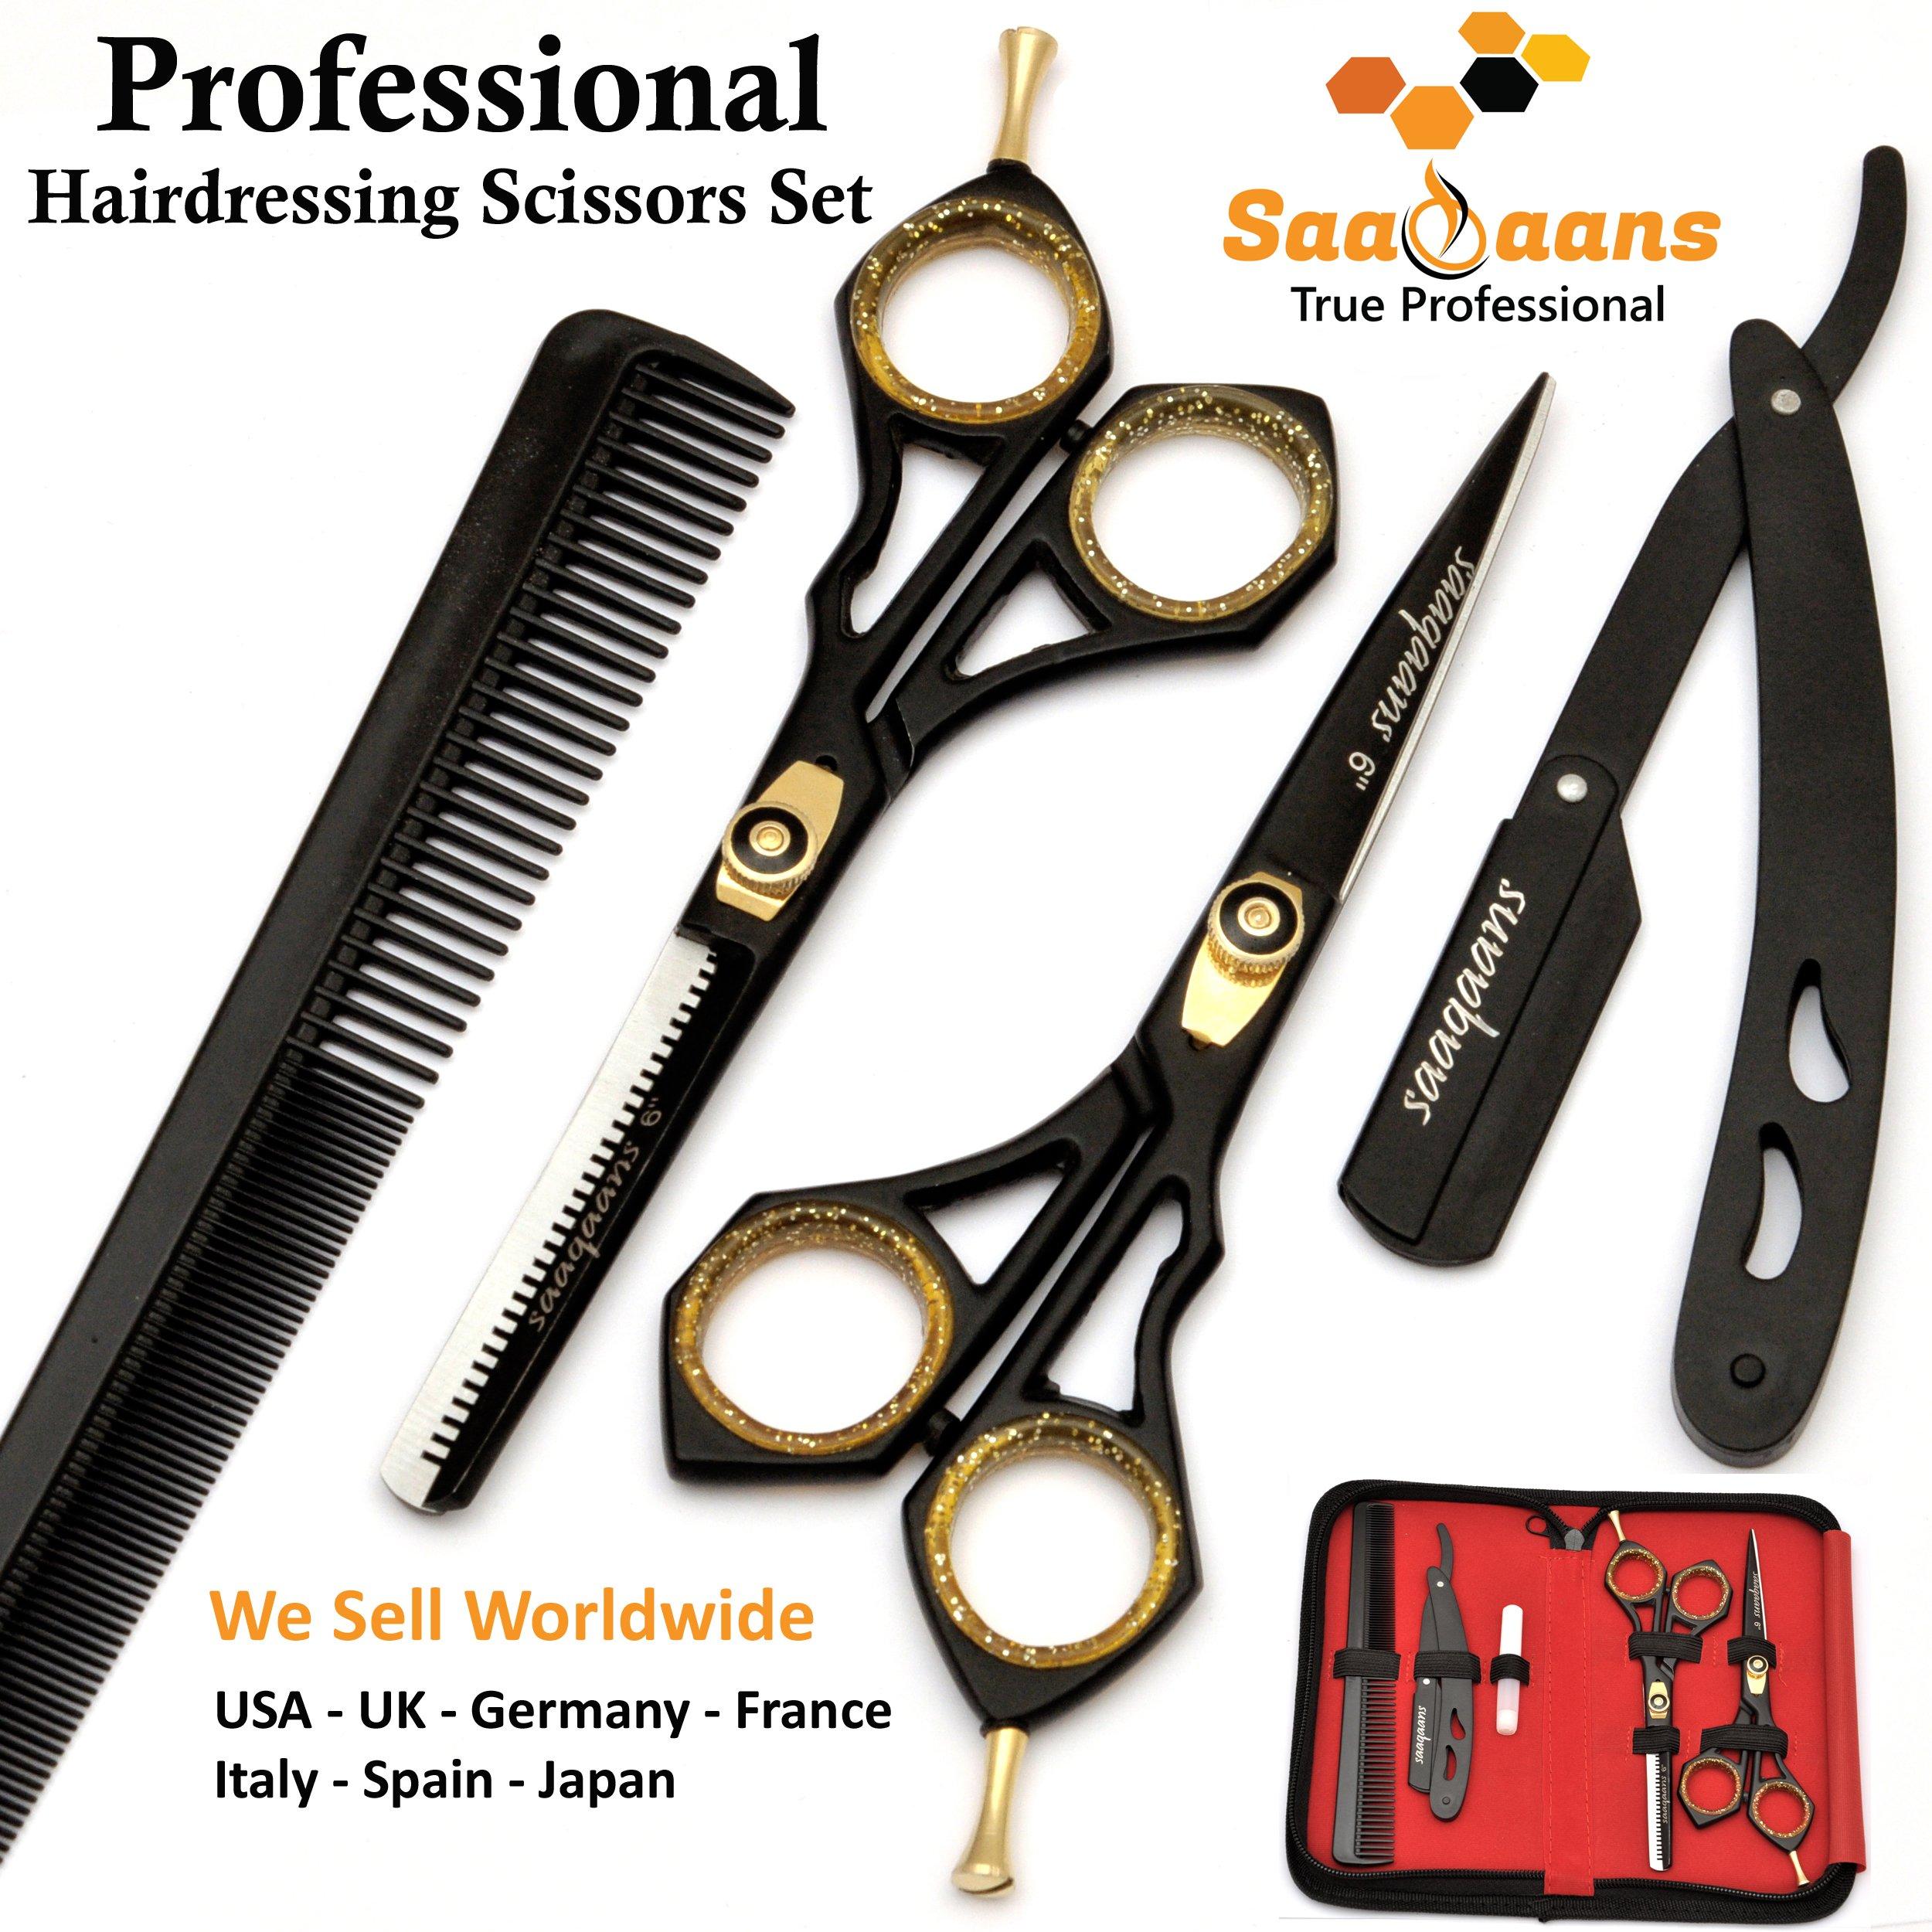 Saaqaans SQKIT Set de Ciseaux Coiffure Professionnel - Haute Qualité Ciseaux de Coiffeur - Perfectionnez pour la Coupe de Cheveux élégante, Garniture votre Barbe et Moustache product image